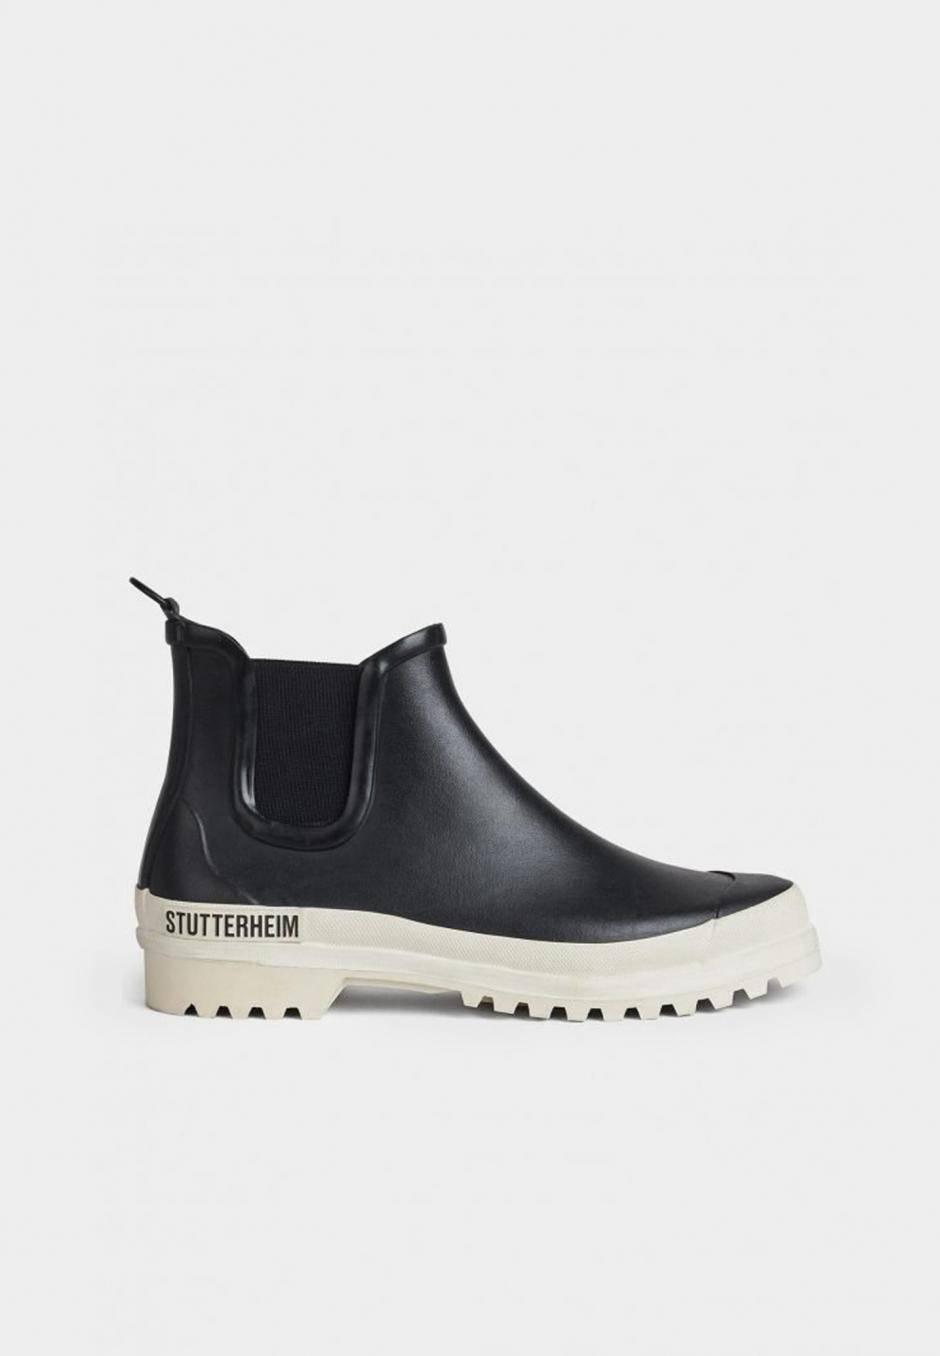 Stutterheim Chelsea rainwalker rain boot